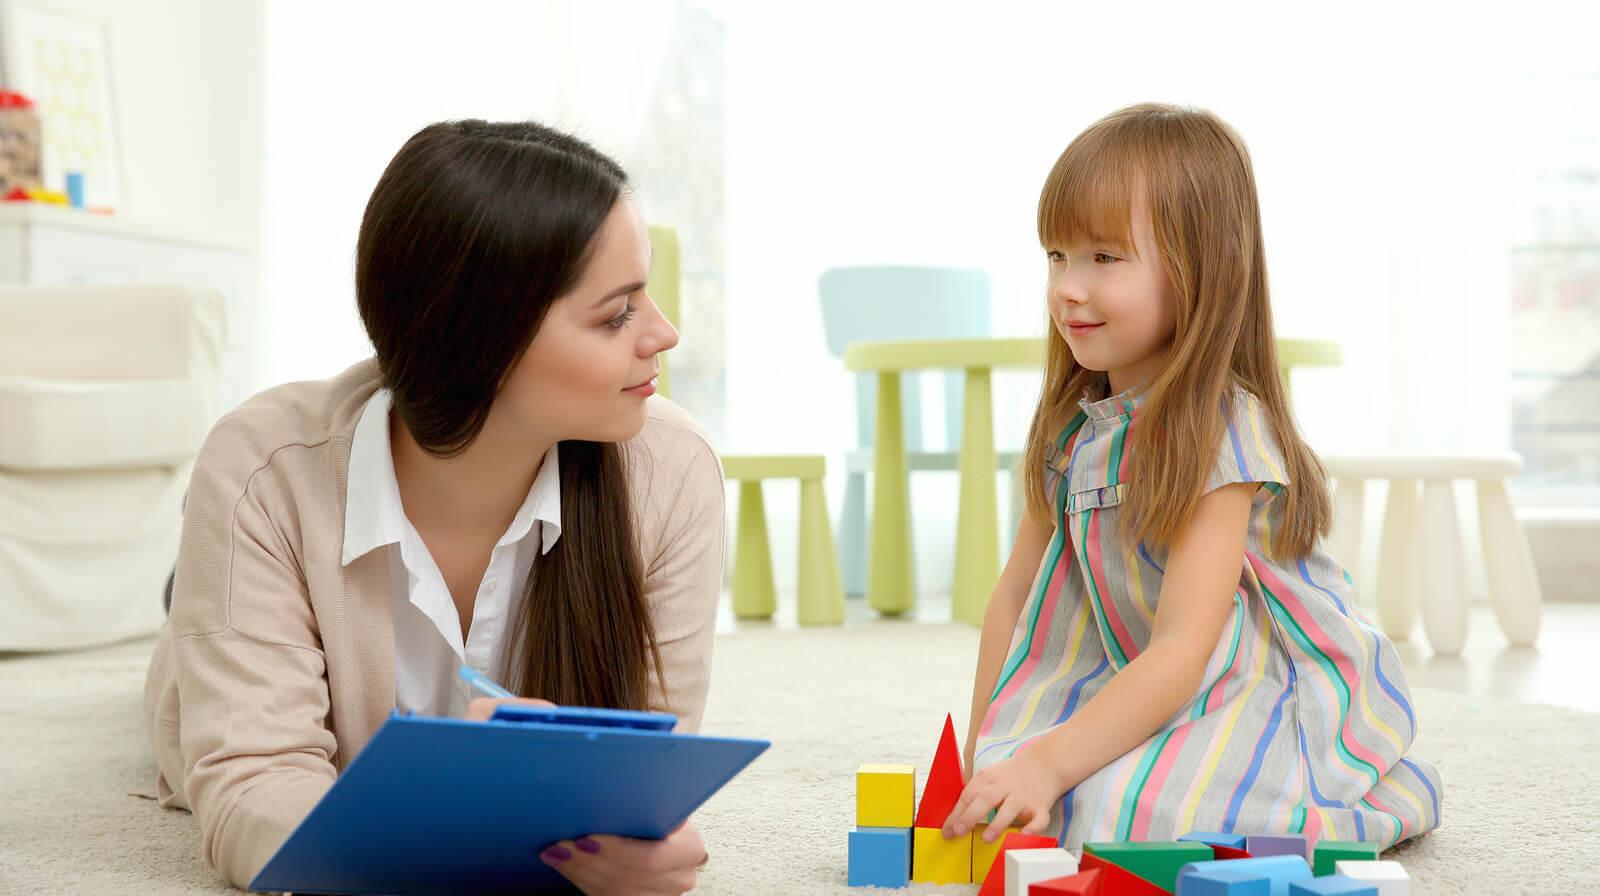 אבחון פסיכיאטרי לילדה